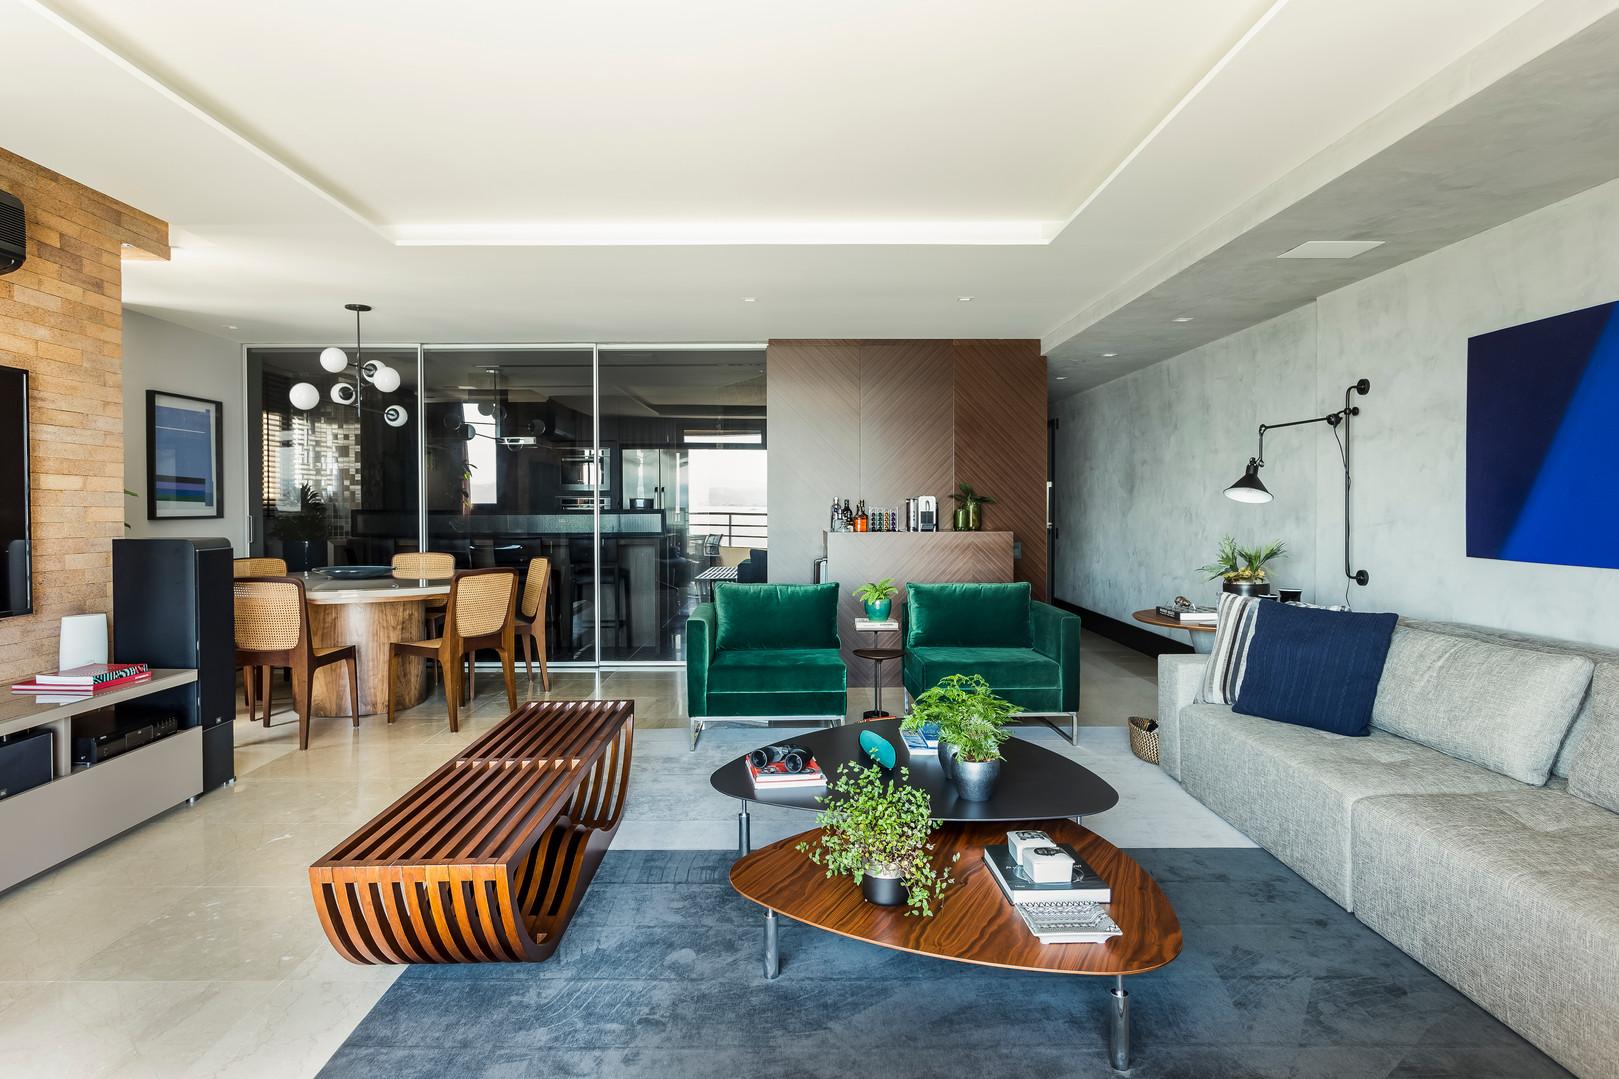 Apartamento Beira Mar Florianopolis Proj